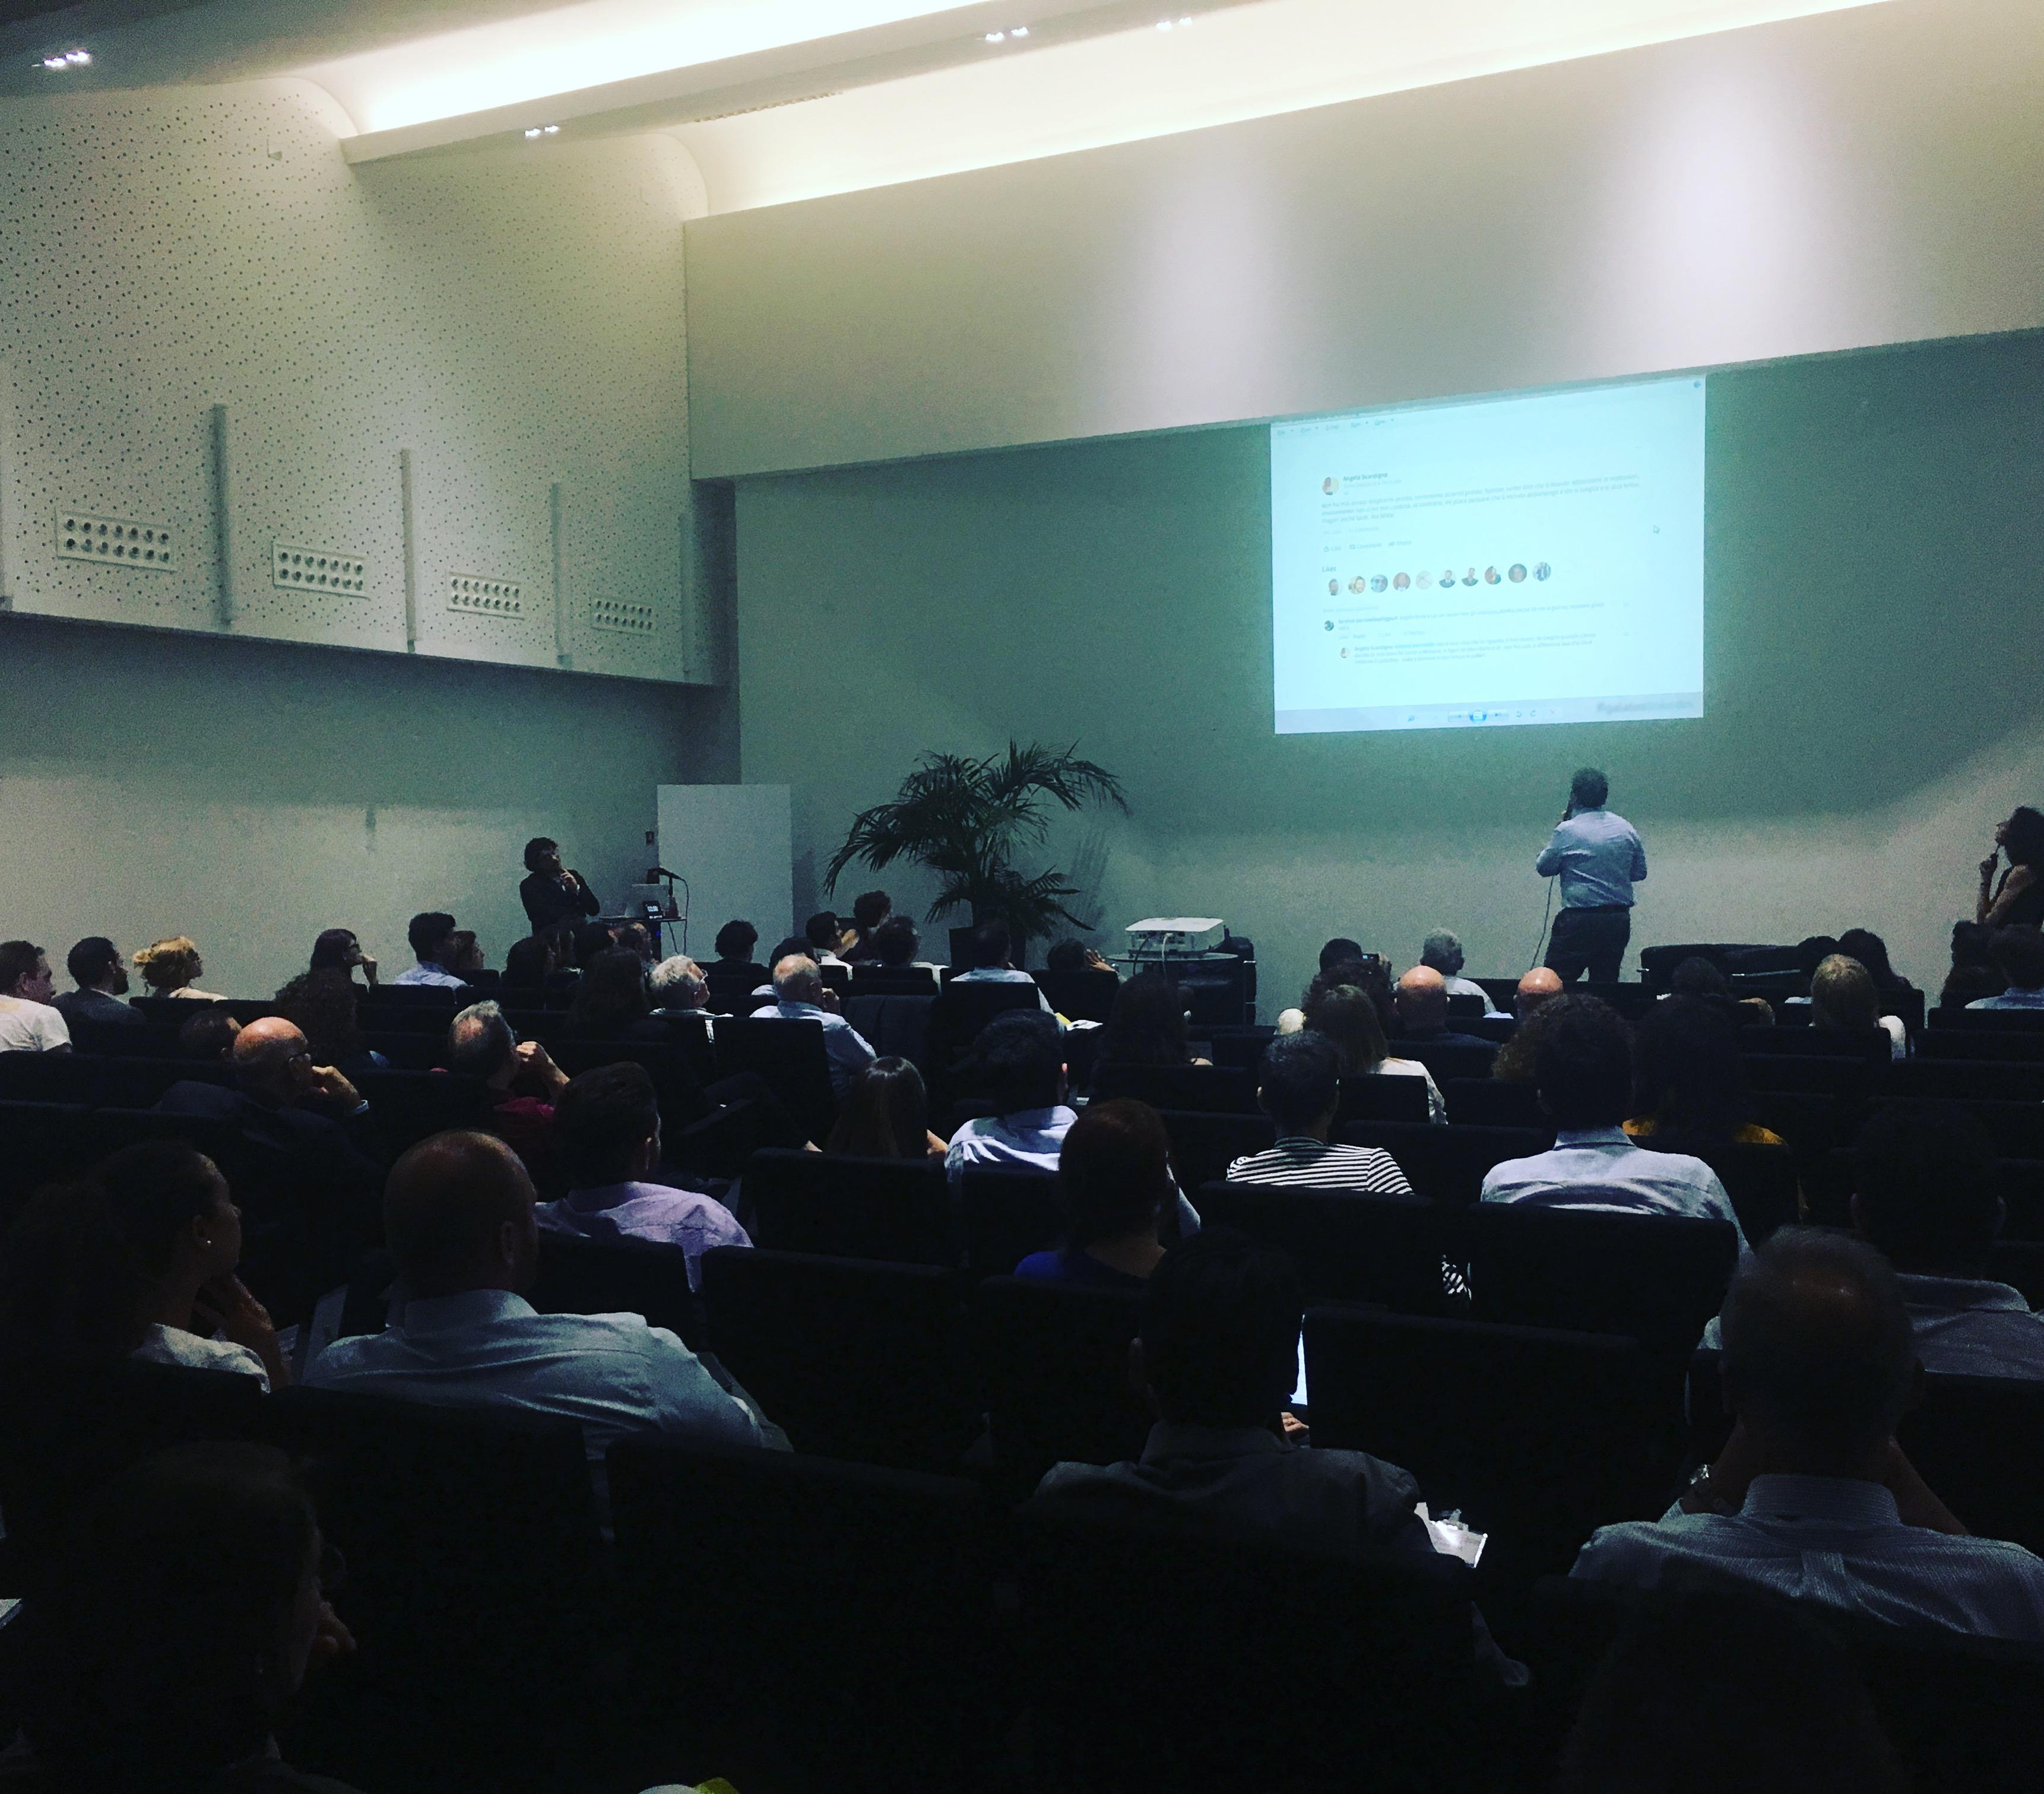 Galateo-Linkedin-Milano-Maire-Tecnimont-12-giugno-2017-TalentiEventi-4